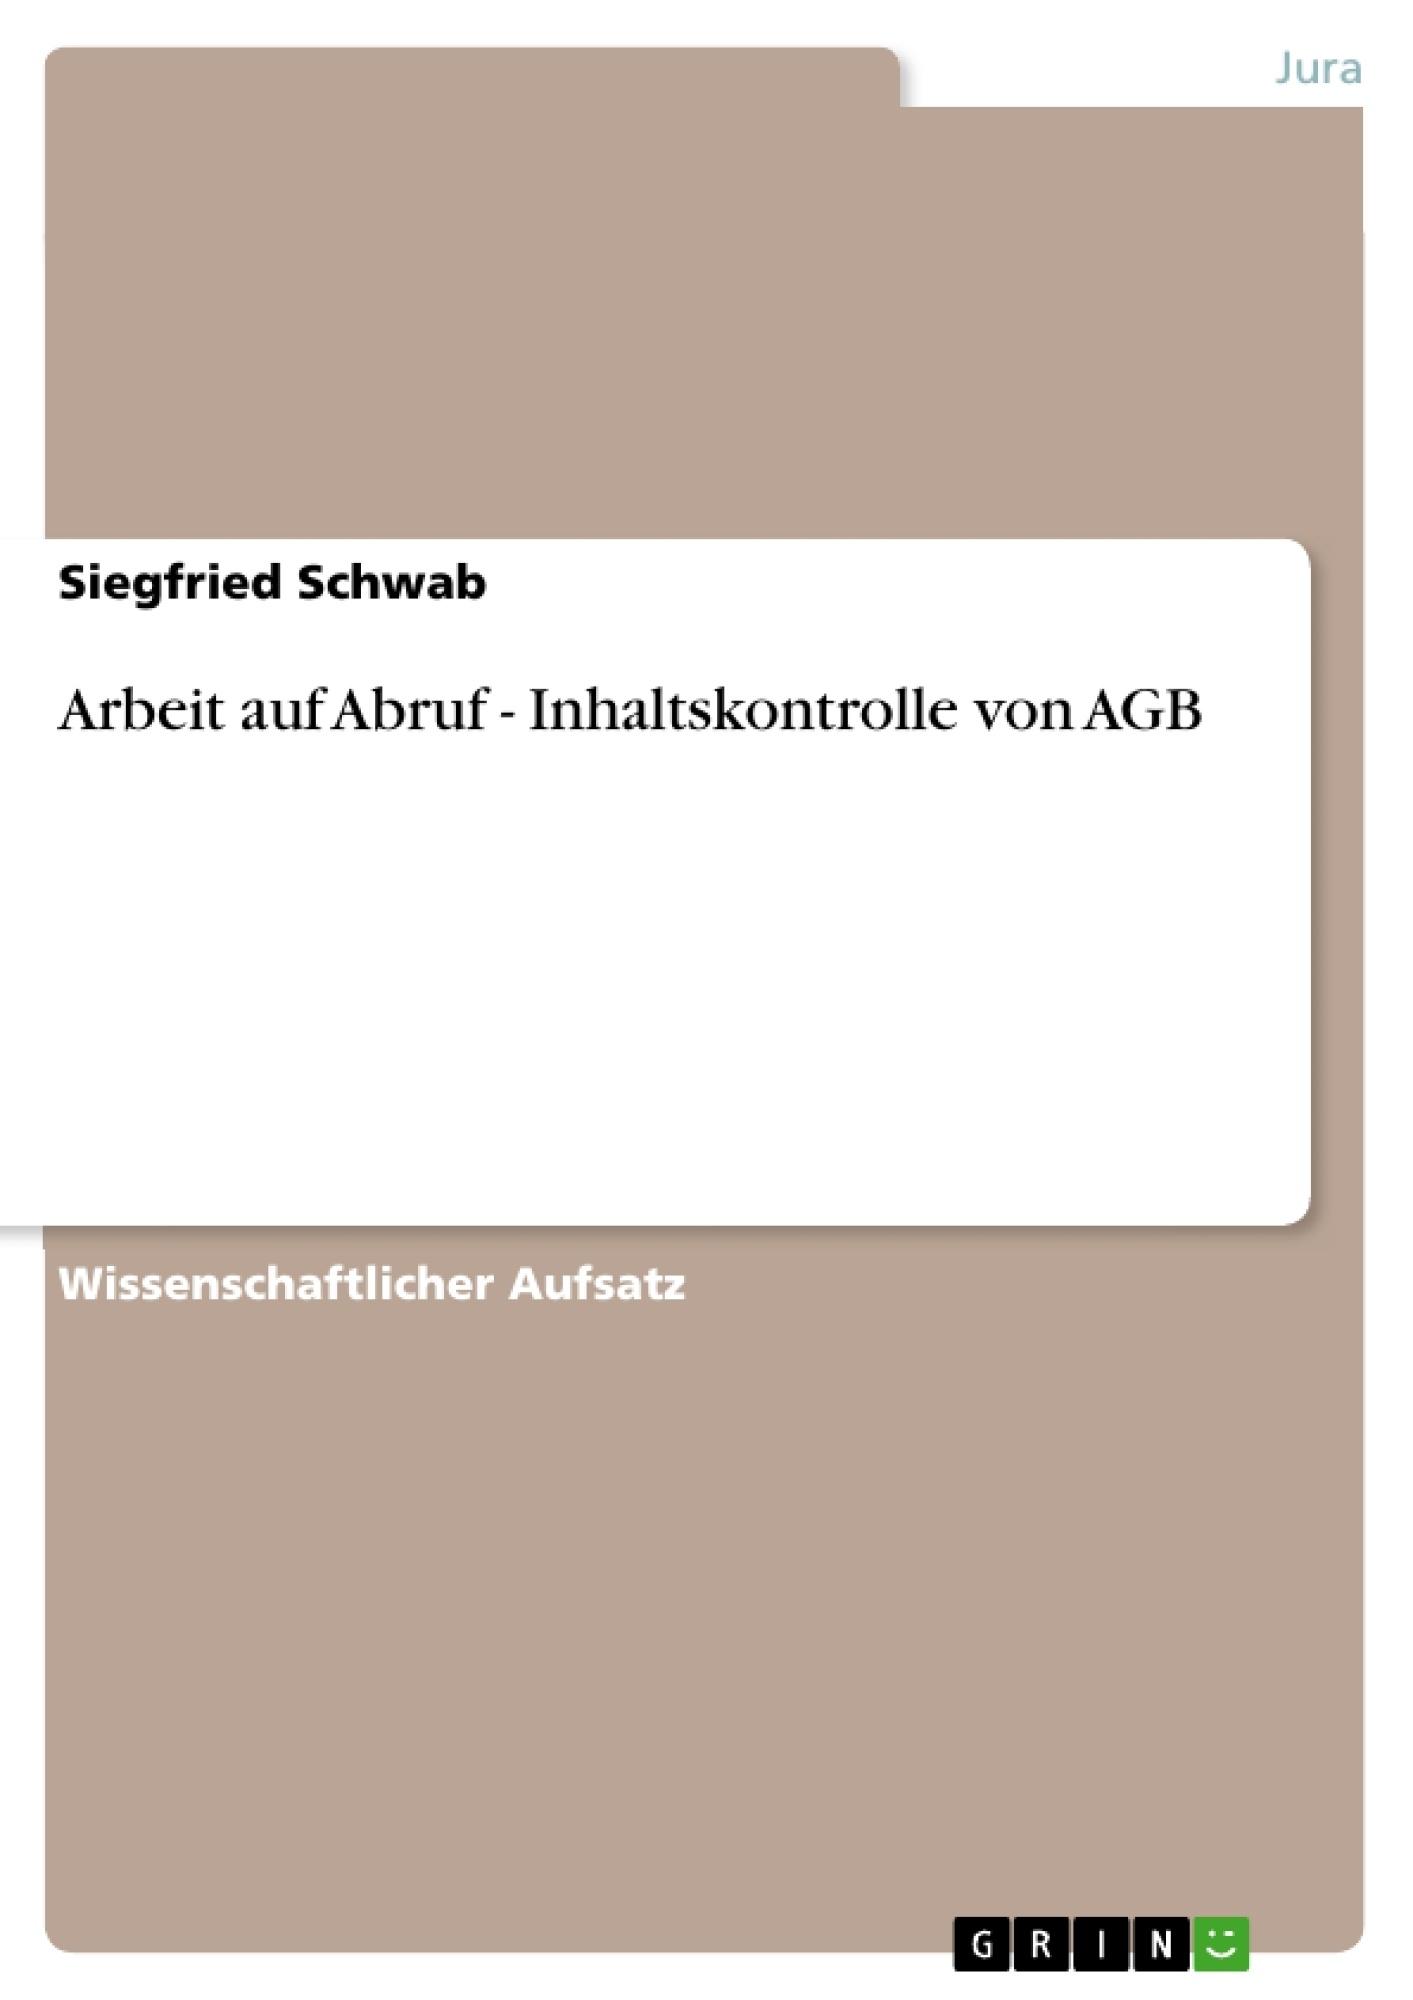 Titel: Arbeit auf Abruf - Inhaltskontrolle von AGB